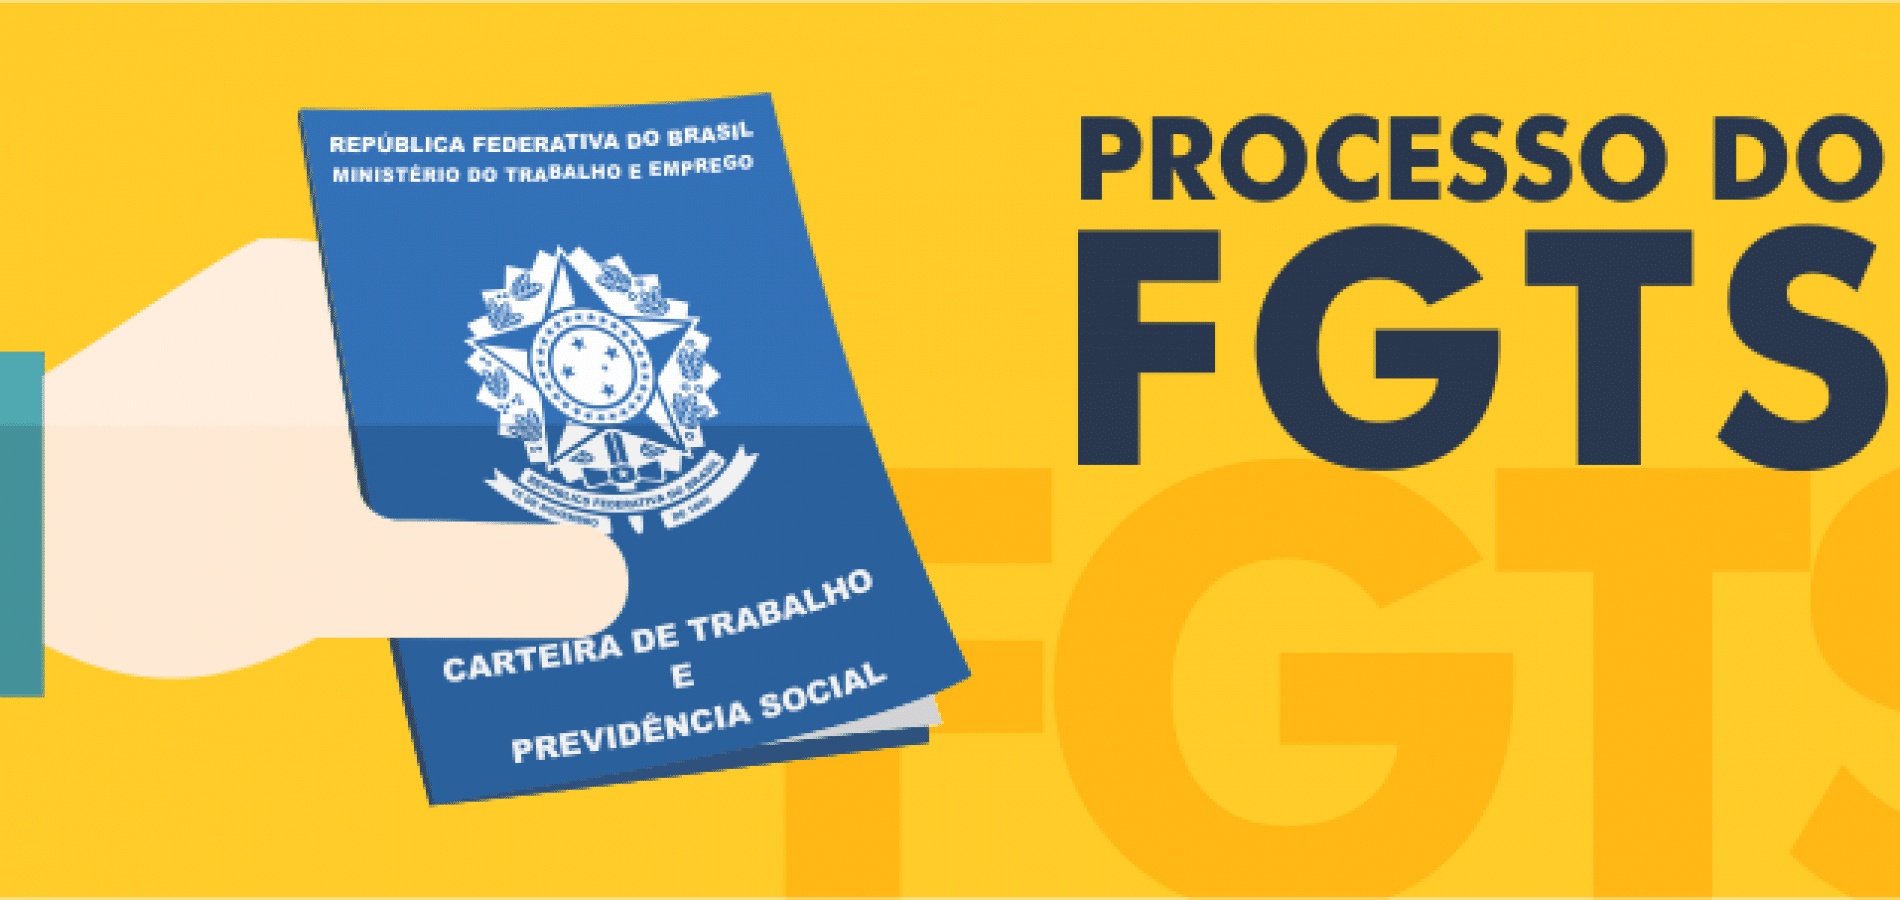 FGTS - Banco